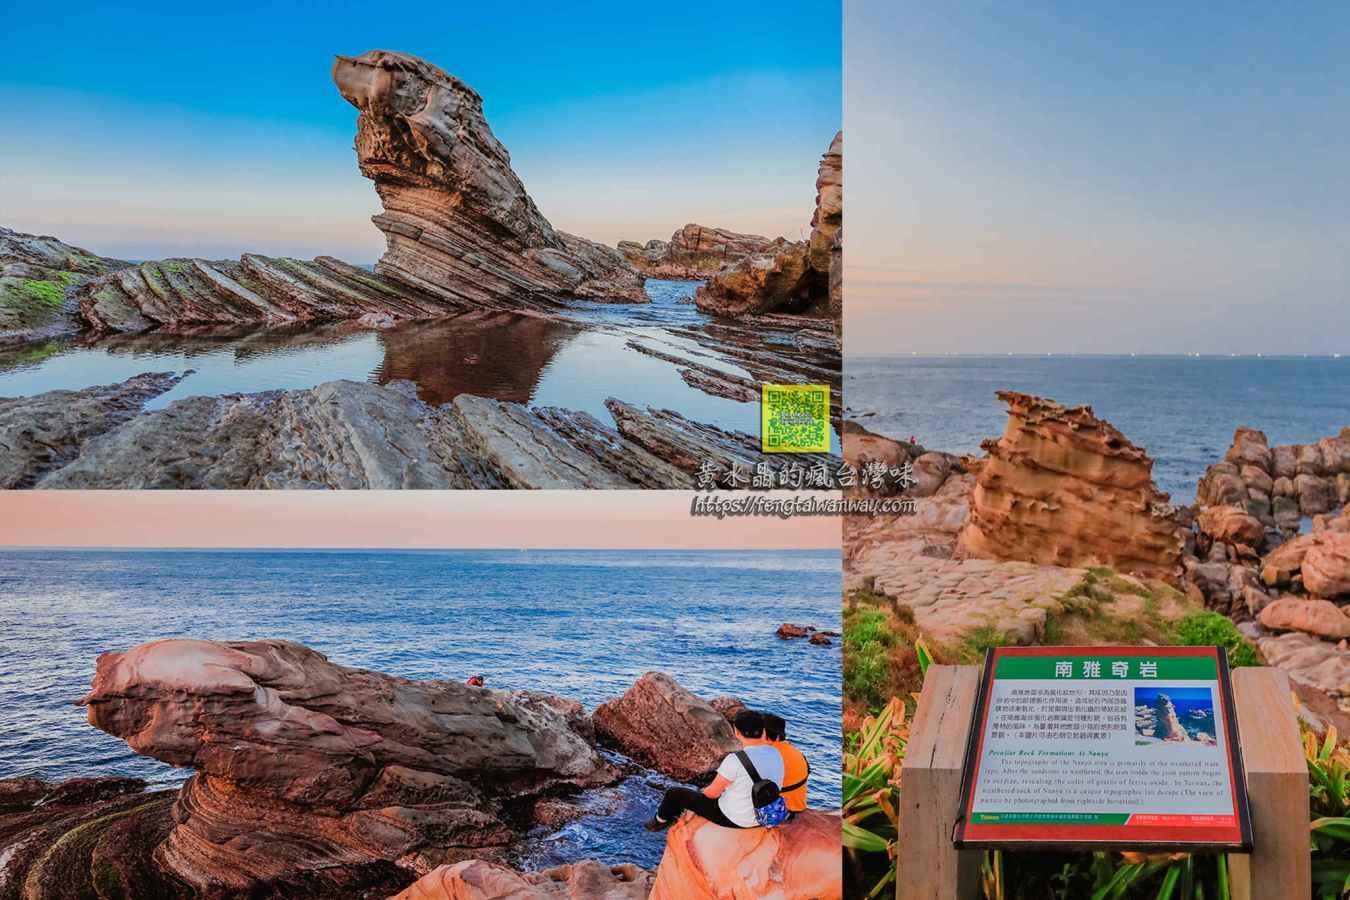 南雅奇岩【新北景點】|東北角必遊的哮天犬海狗岩及永不融化霜淇淋岩 @黃水晶的瘋台灣味